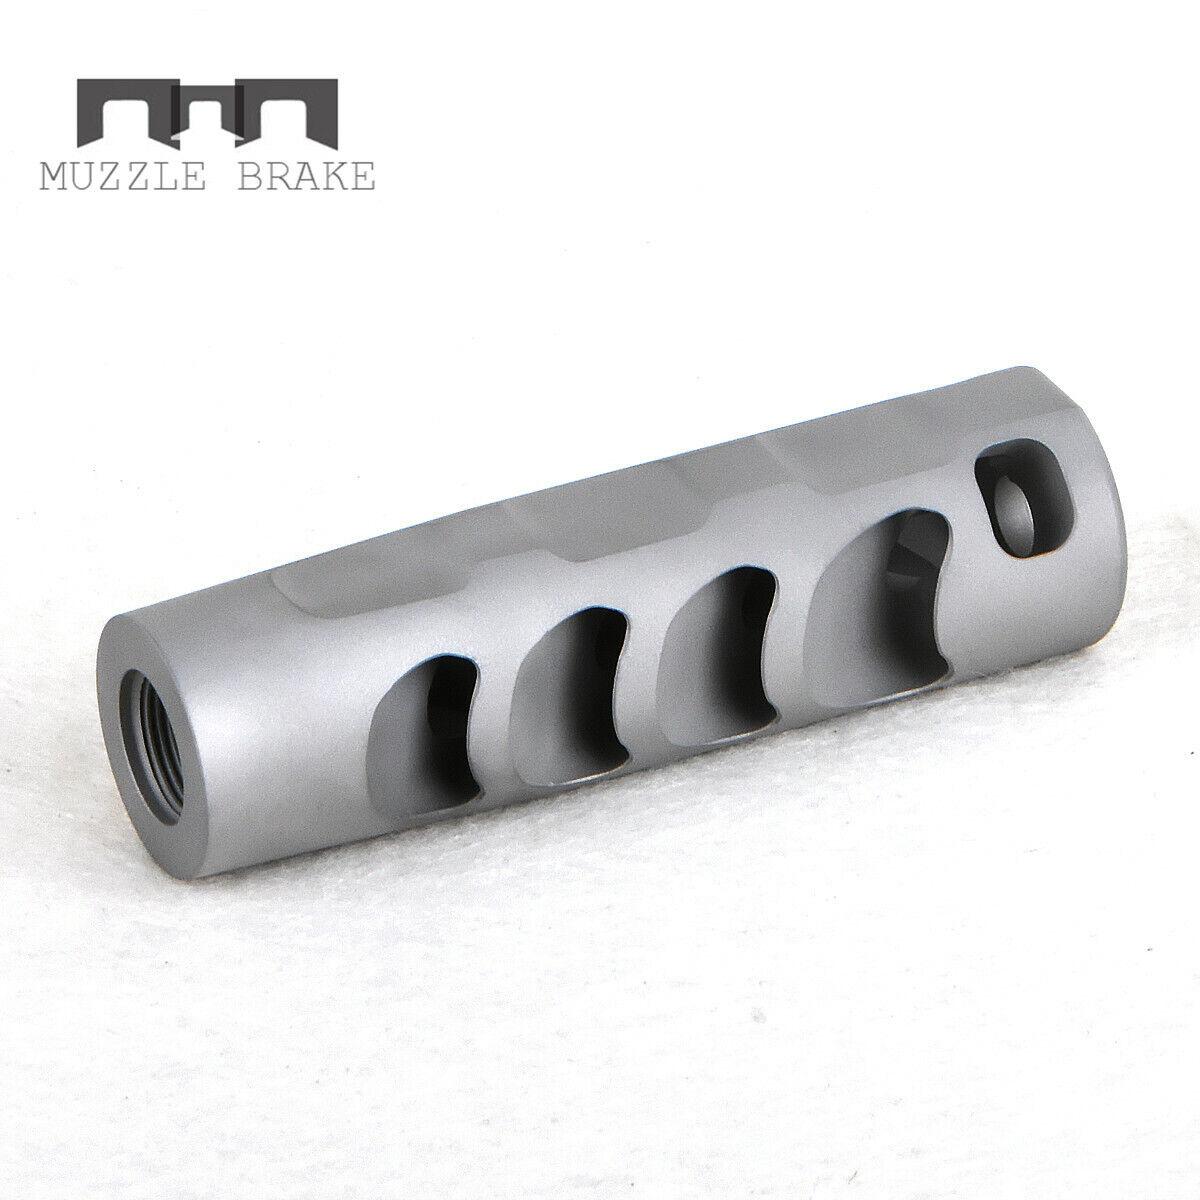 Compensador de freno de acero inoxidable .223 5.56 Bozal COPM 1 2x28RH Arandela libre del hilo de rosca